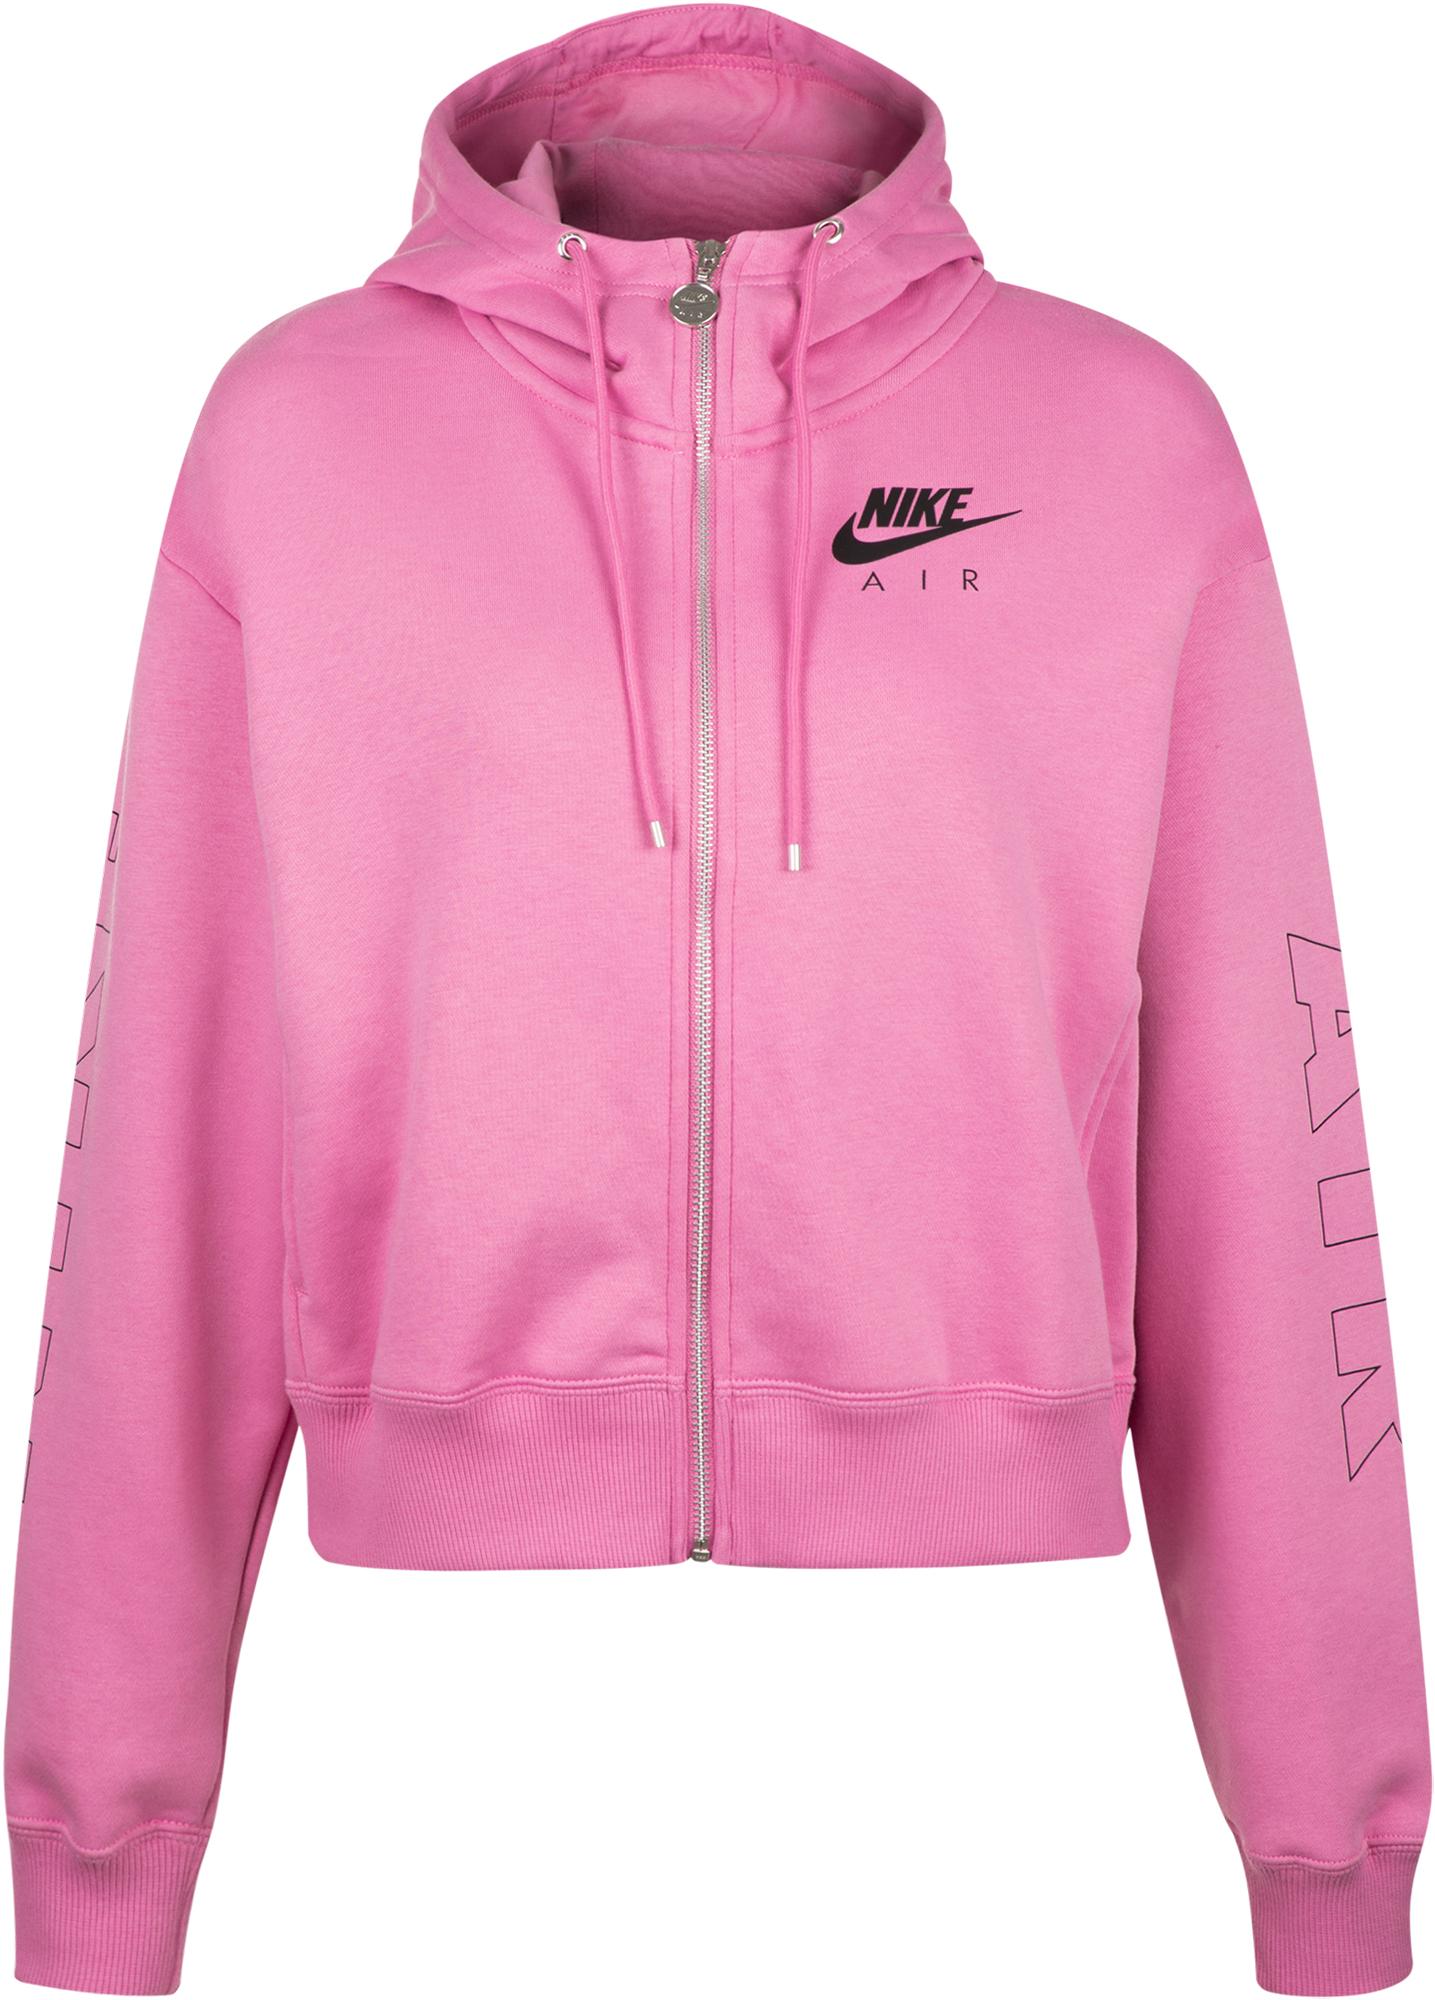 цена на Nike Толстовка женская Nike Air, размер 46-48